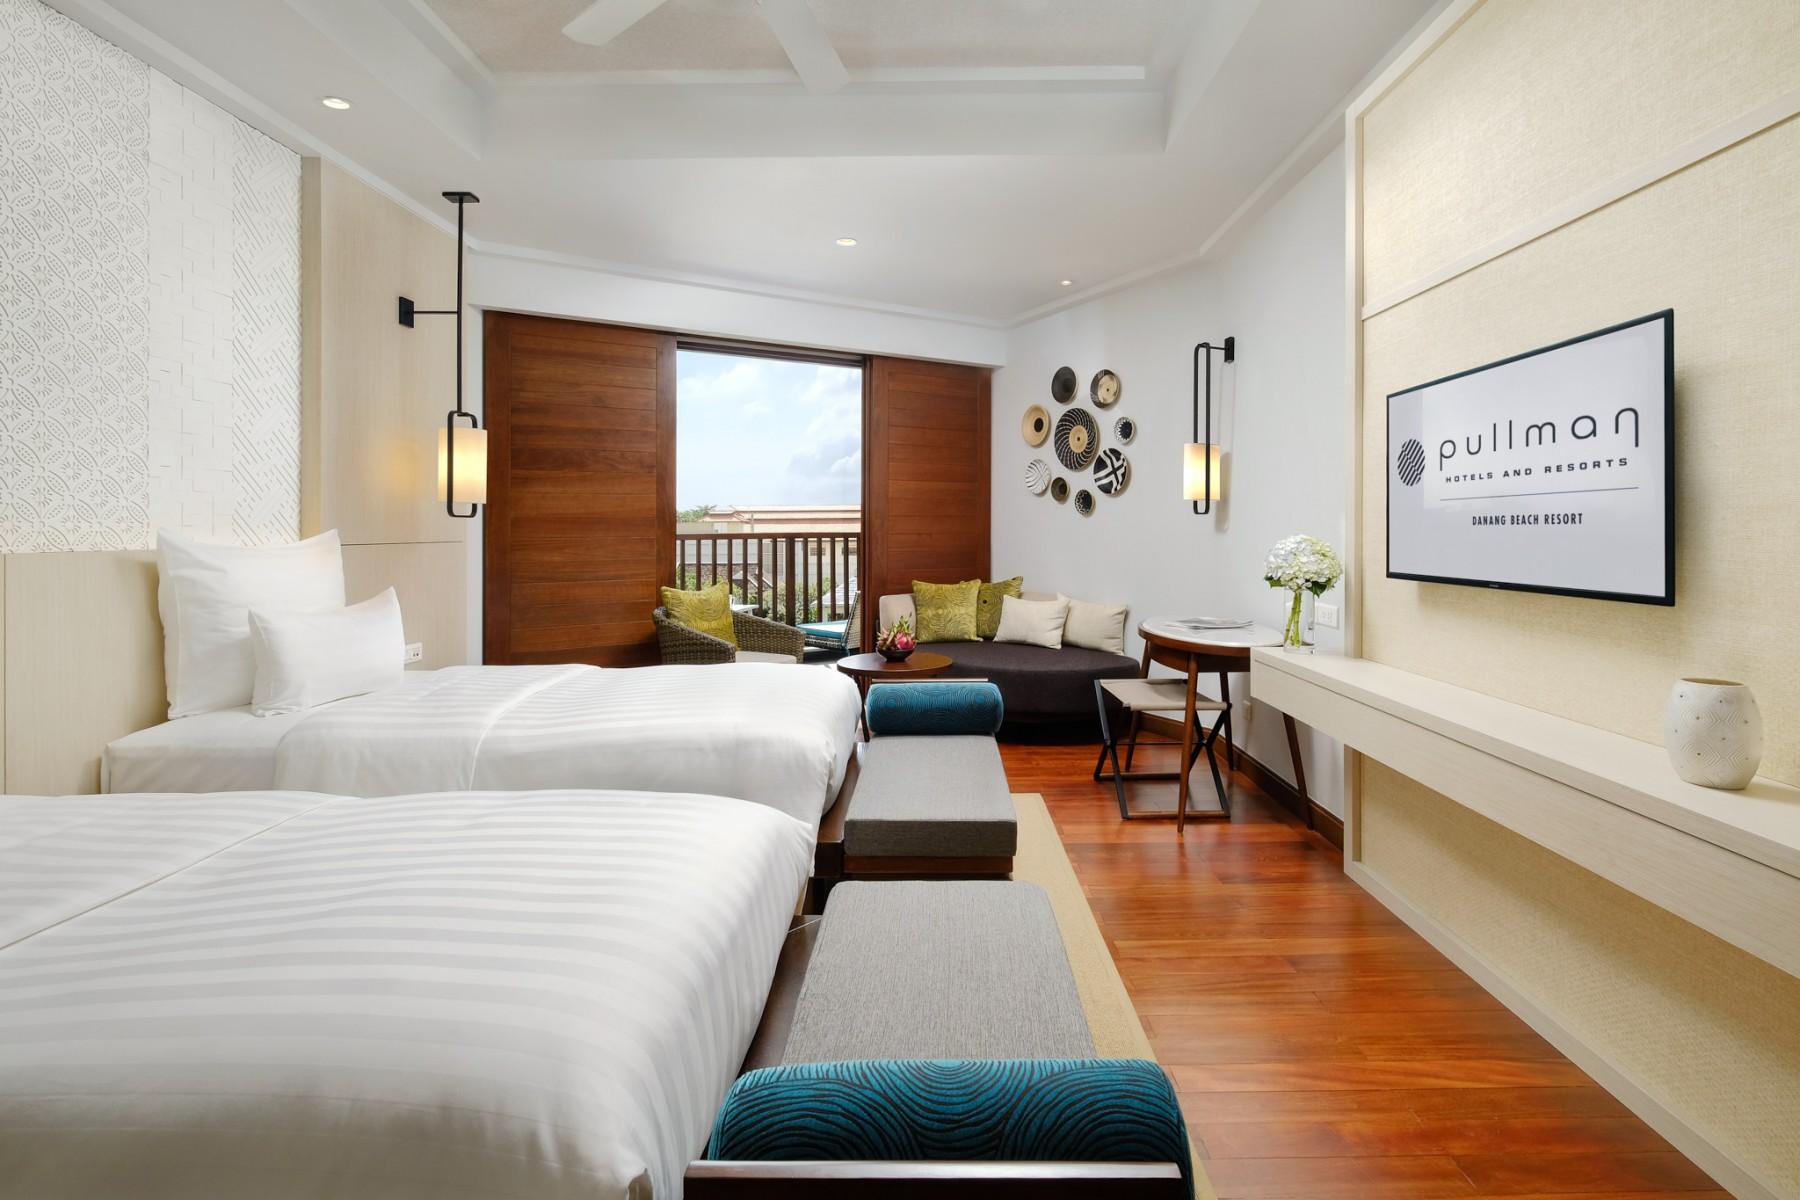 Pullman Danang Beach Resort Rooms Amp Suites 5 Star Hotel